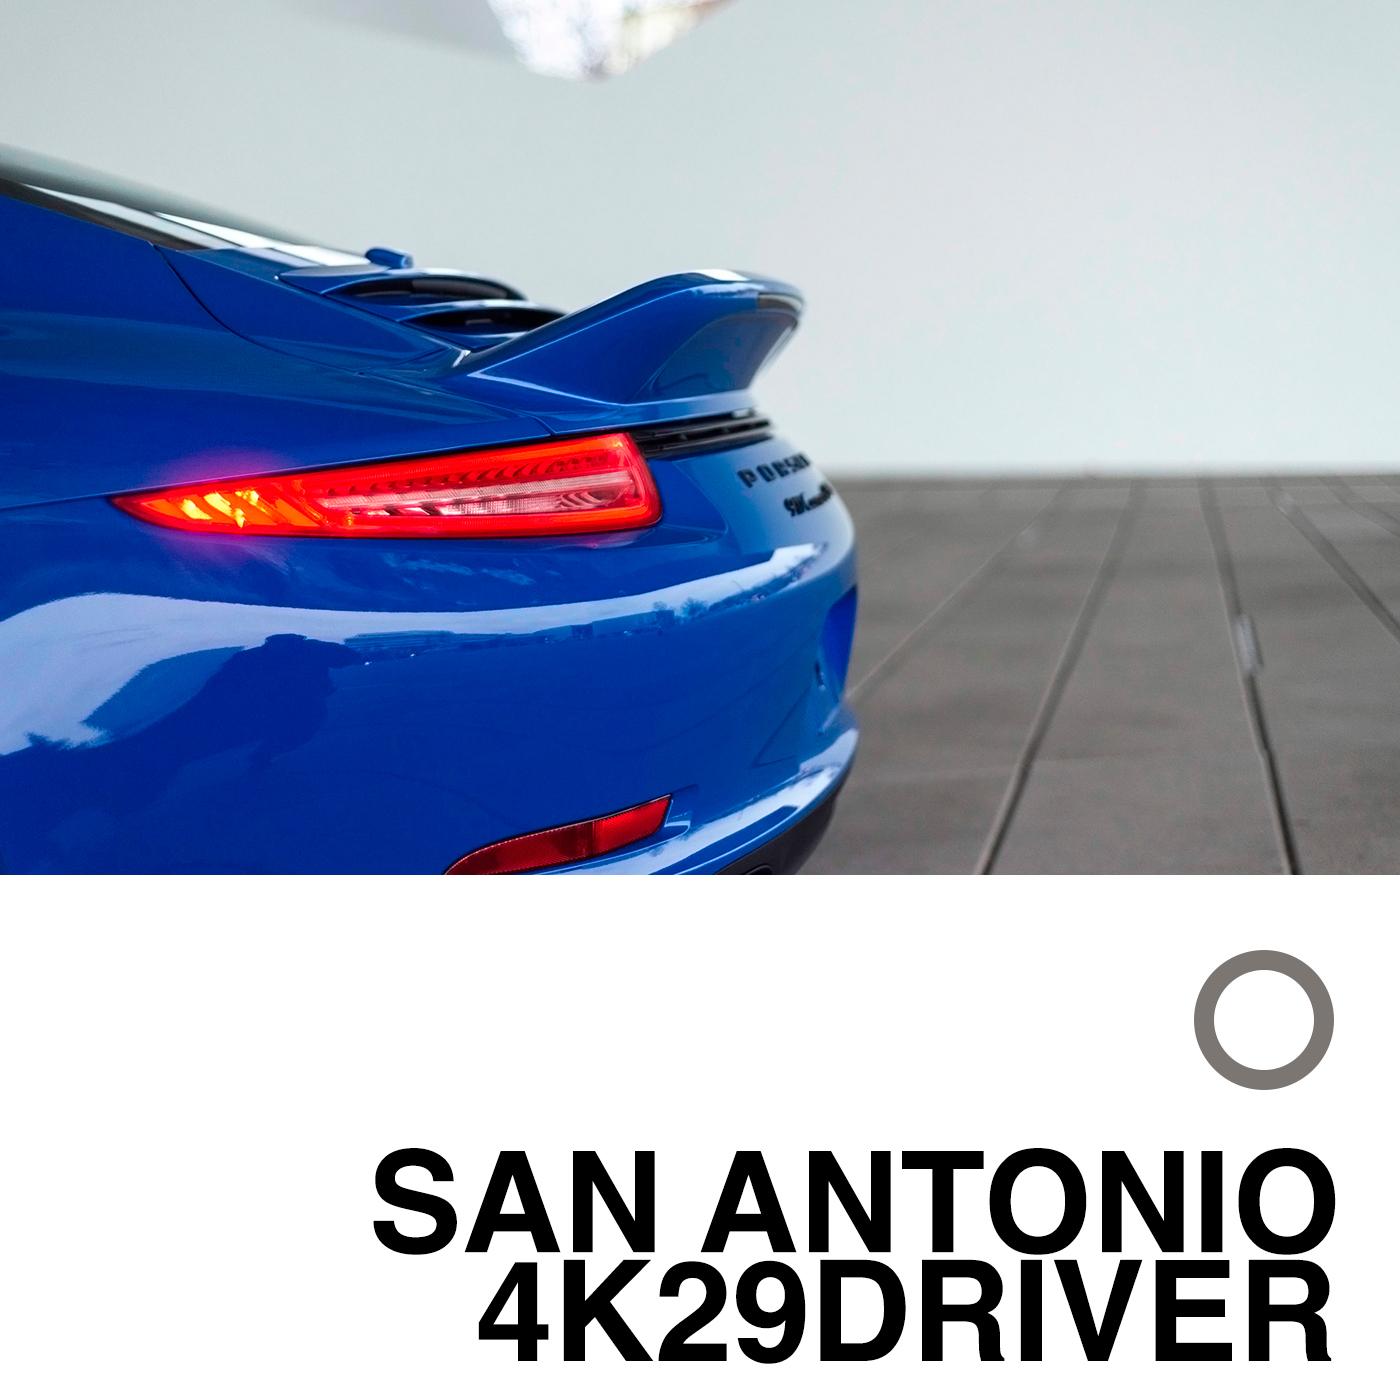 SAN ANTONIO 4K29DRIVER